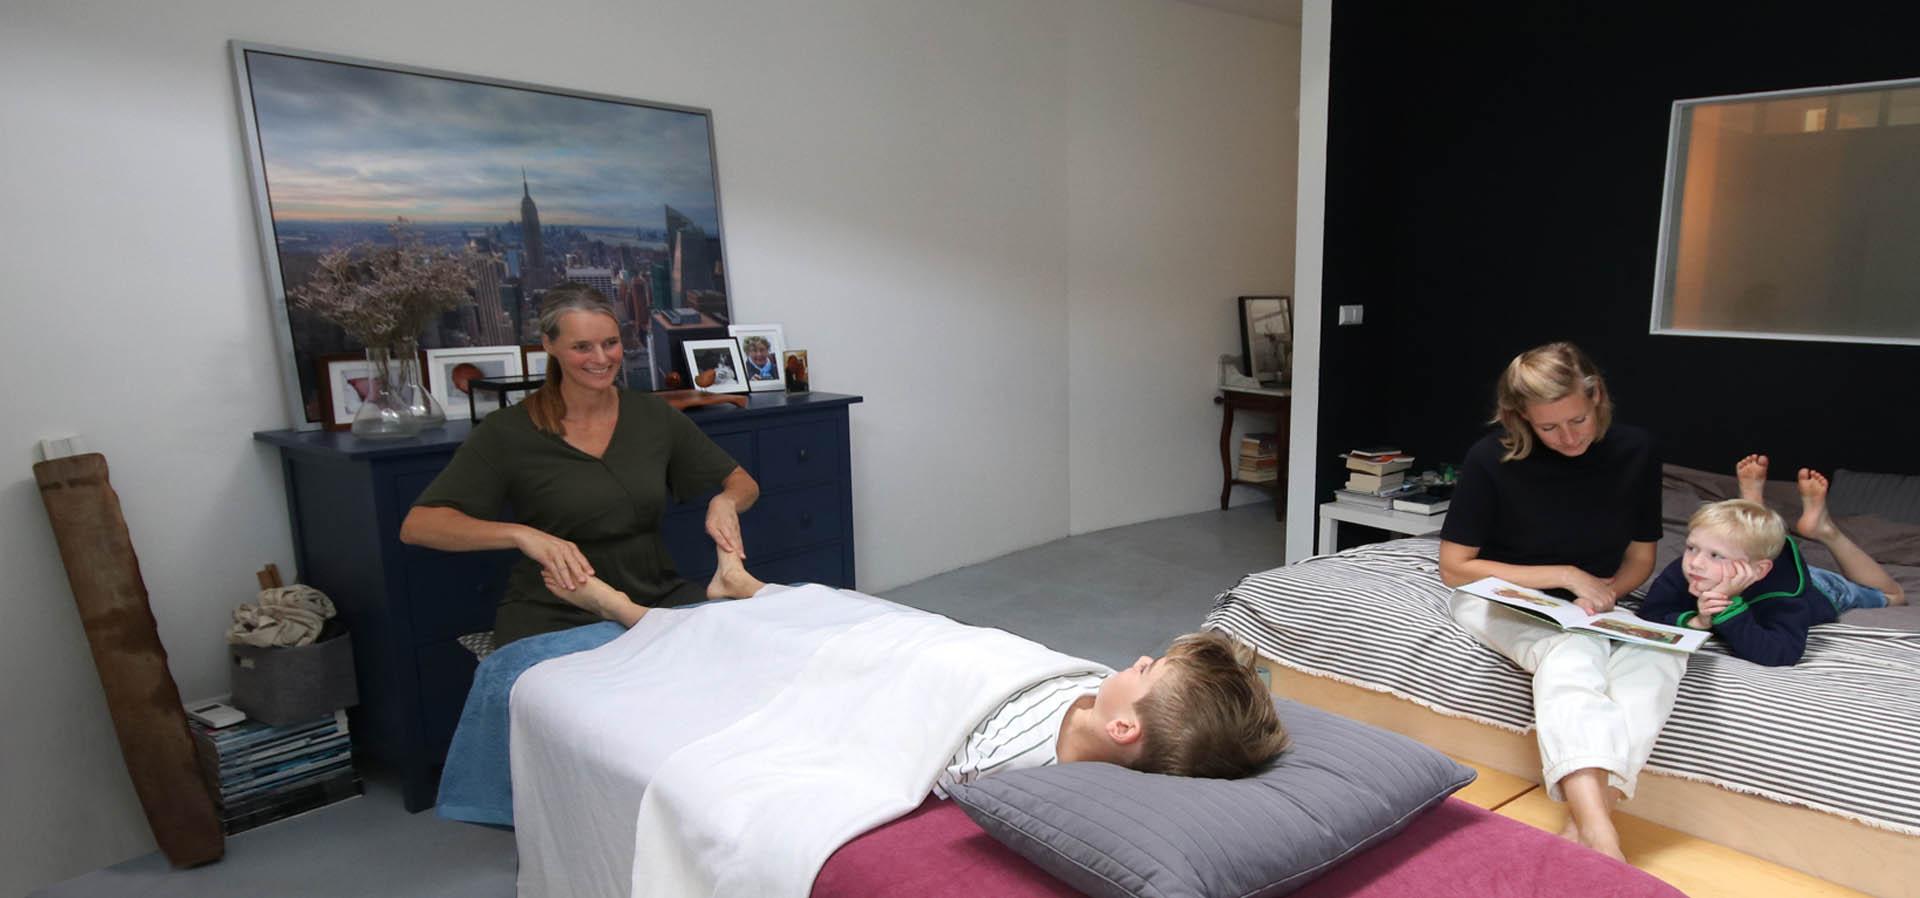 Familievoetreflexologie, een massage voor het hele gezin